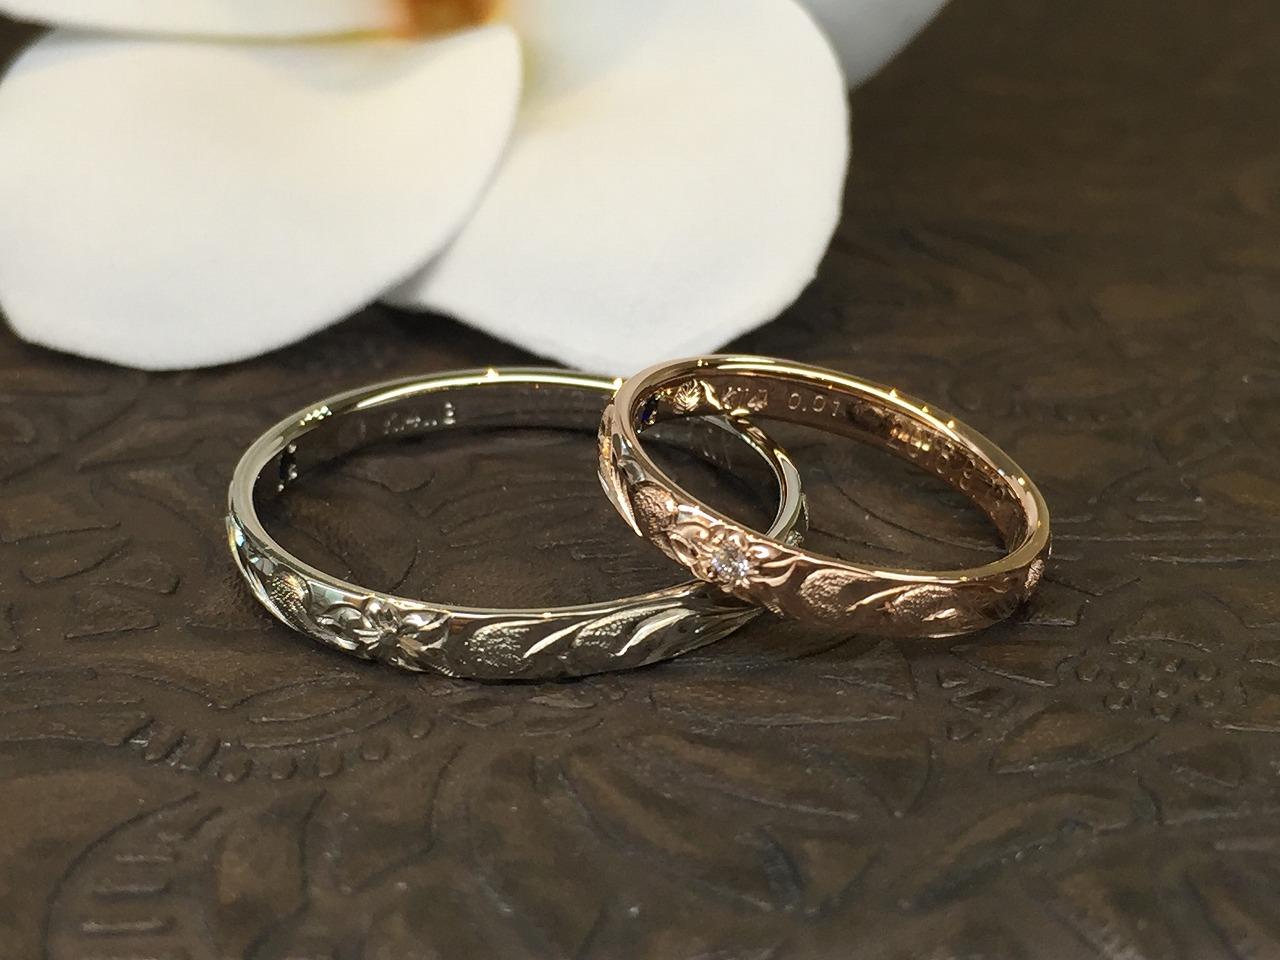 マカナ、結婚指輪、オーダーメイド、ハワイアンジュエリー